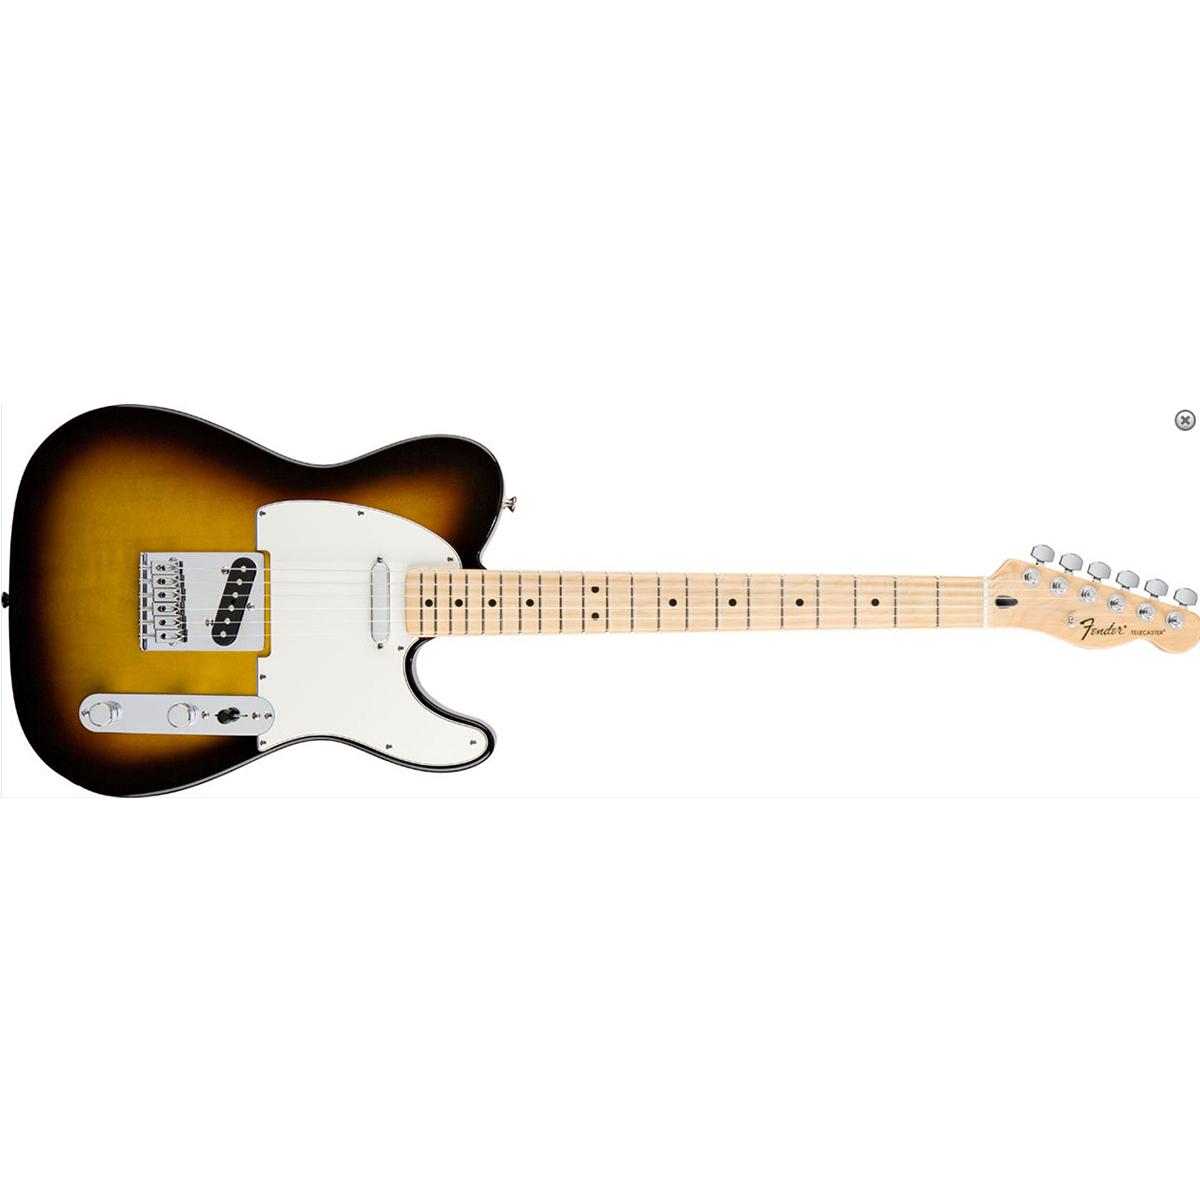 Fender Standard Telecaster 2016